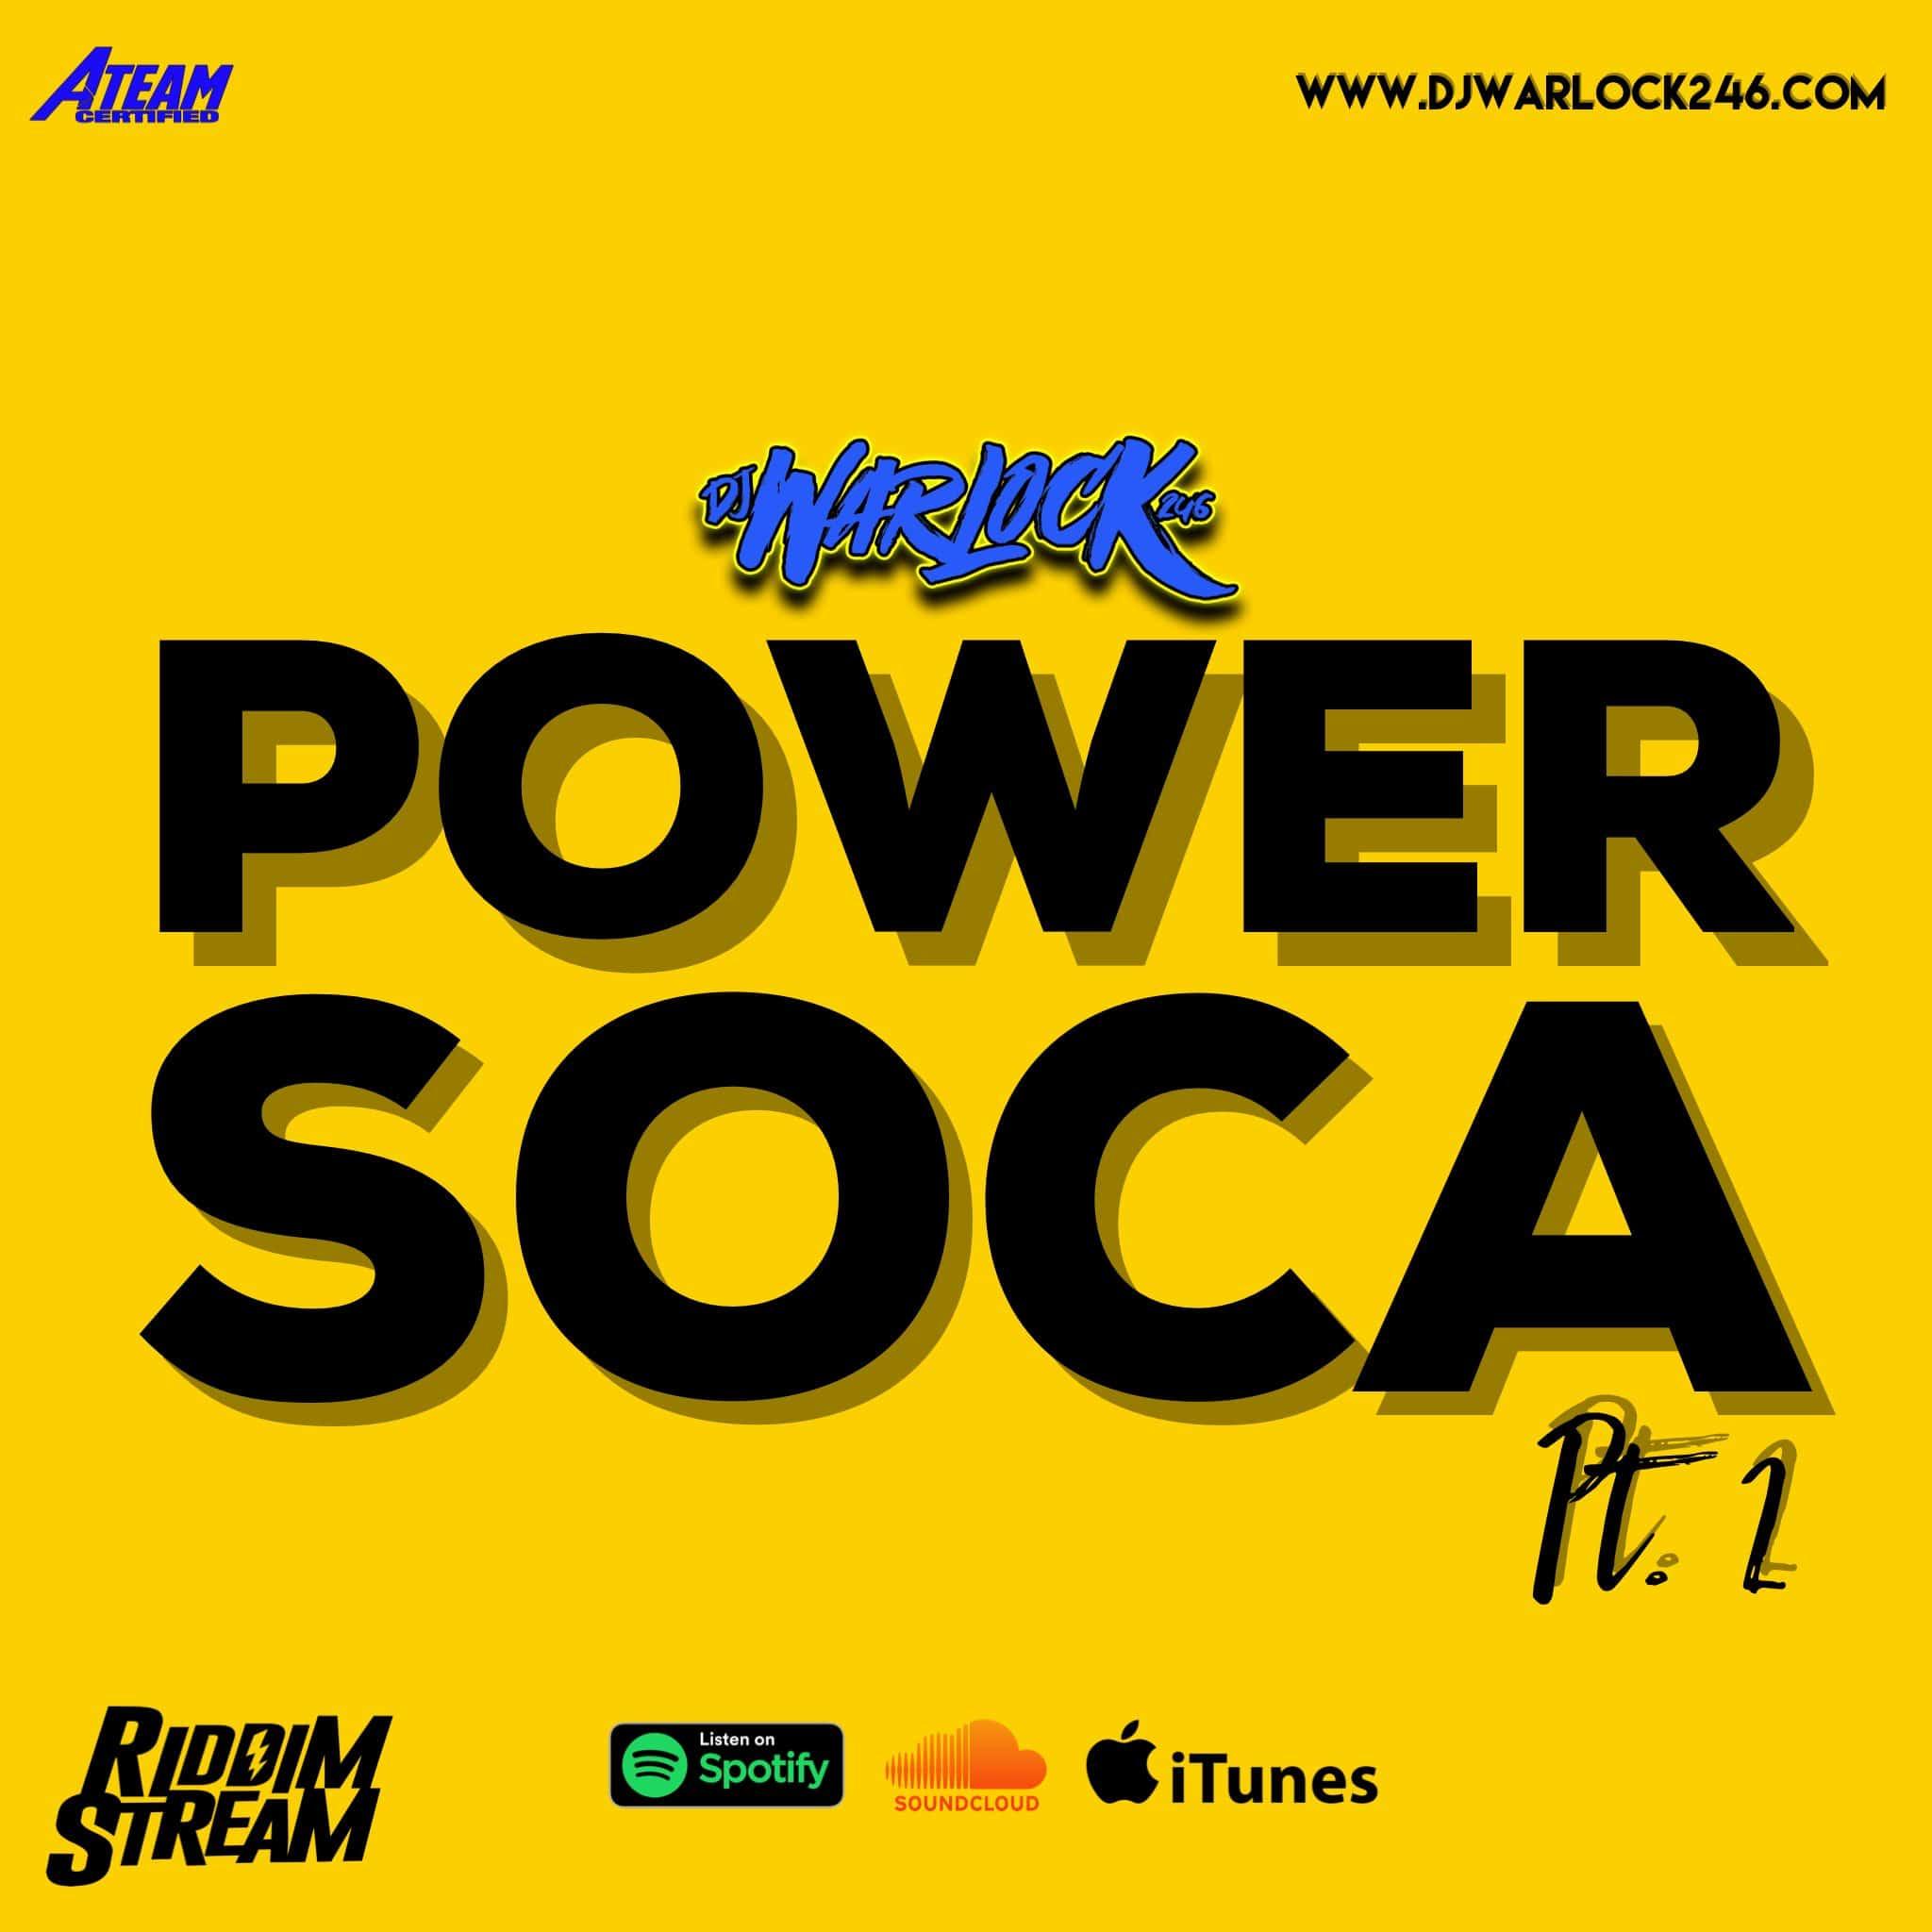 Dj Warlock presents Power Soca Mix Pt 2